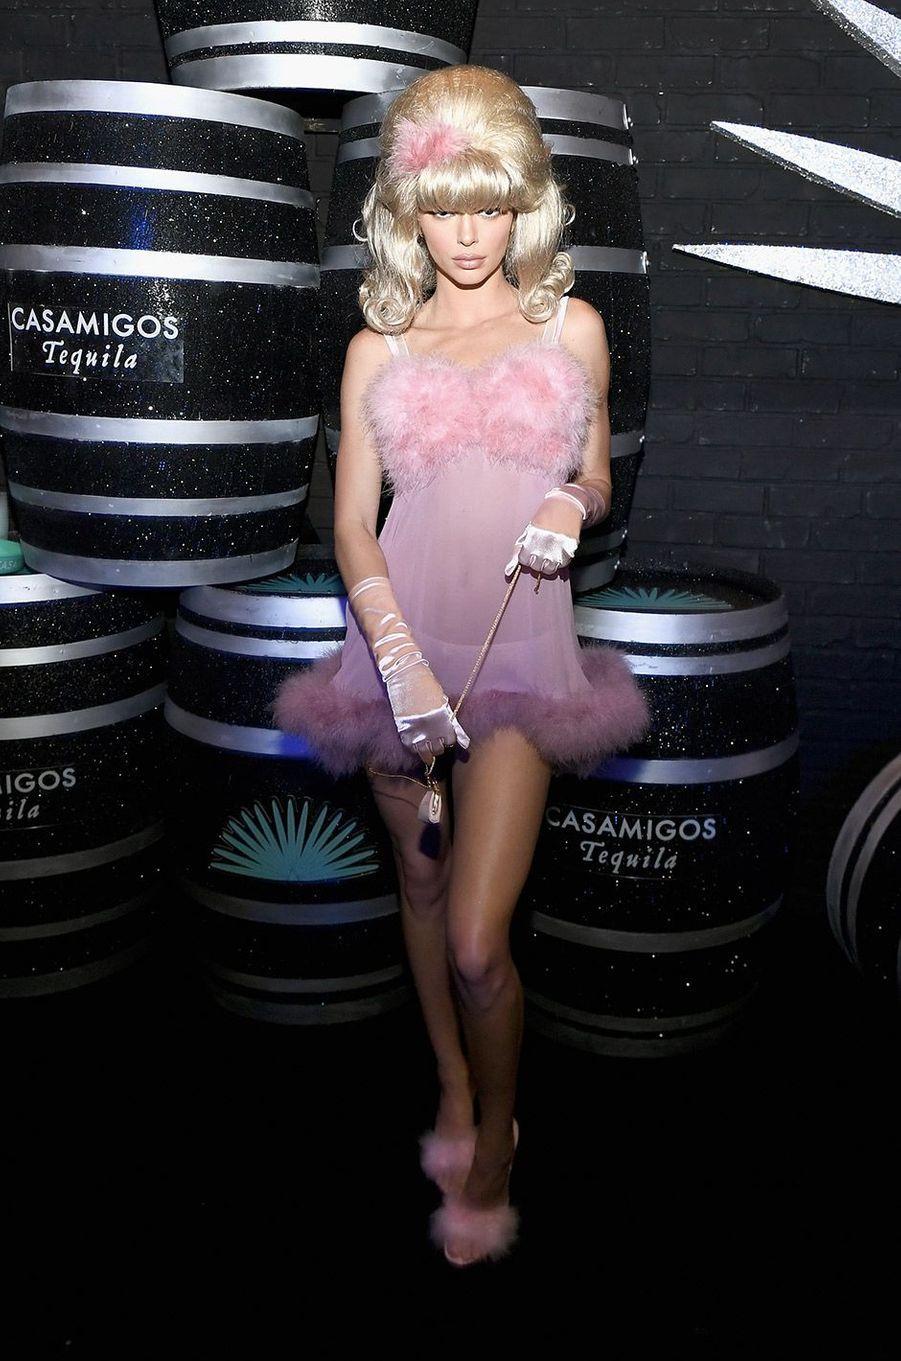 Kendall Jenner à la soirée Casamigos, à Las Vegas, samedi 26 octobre